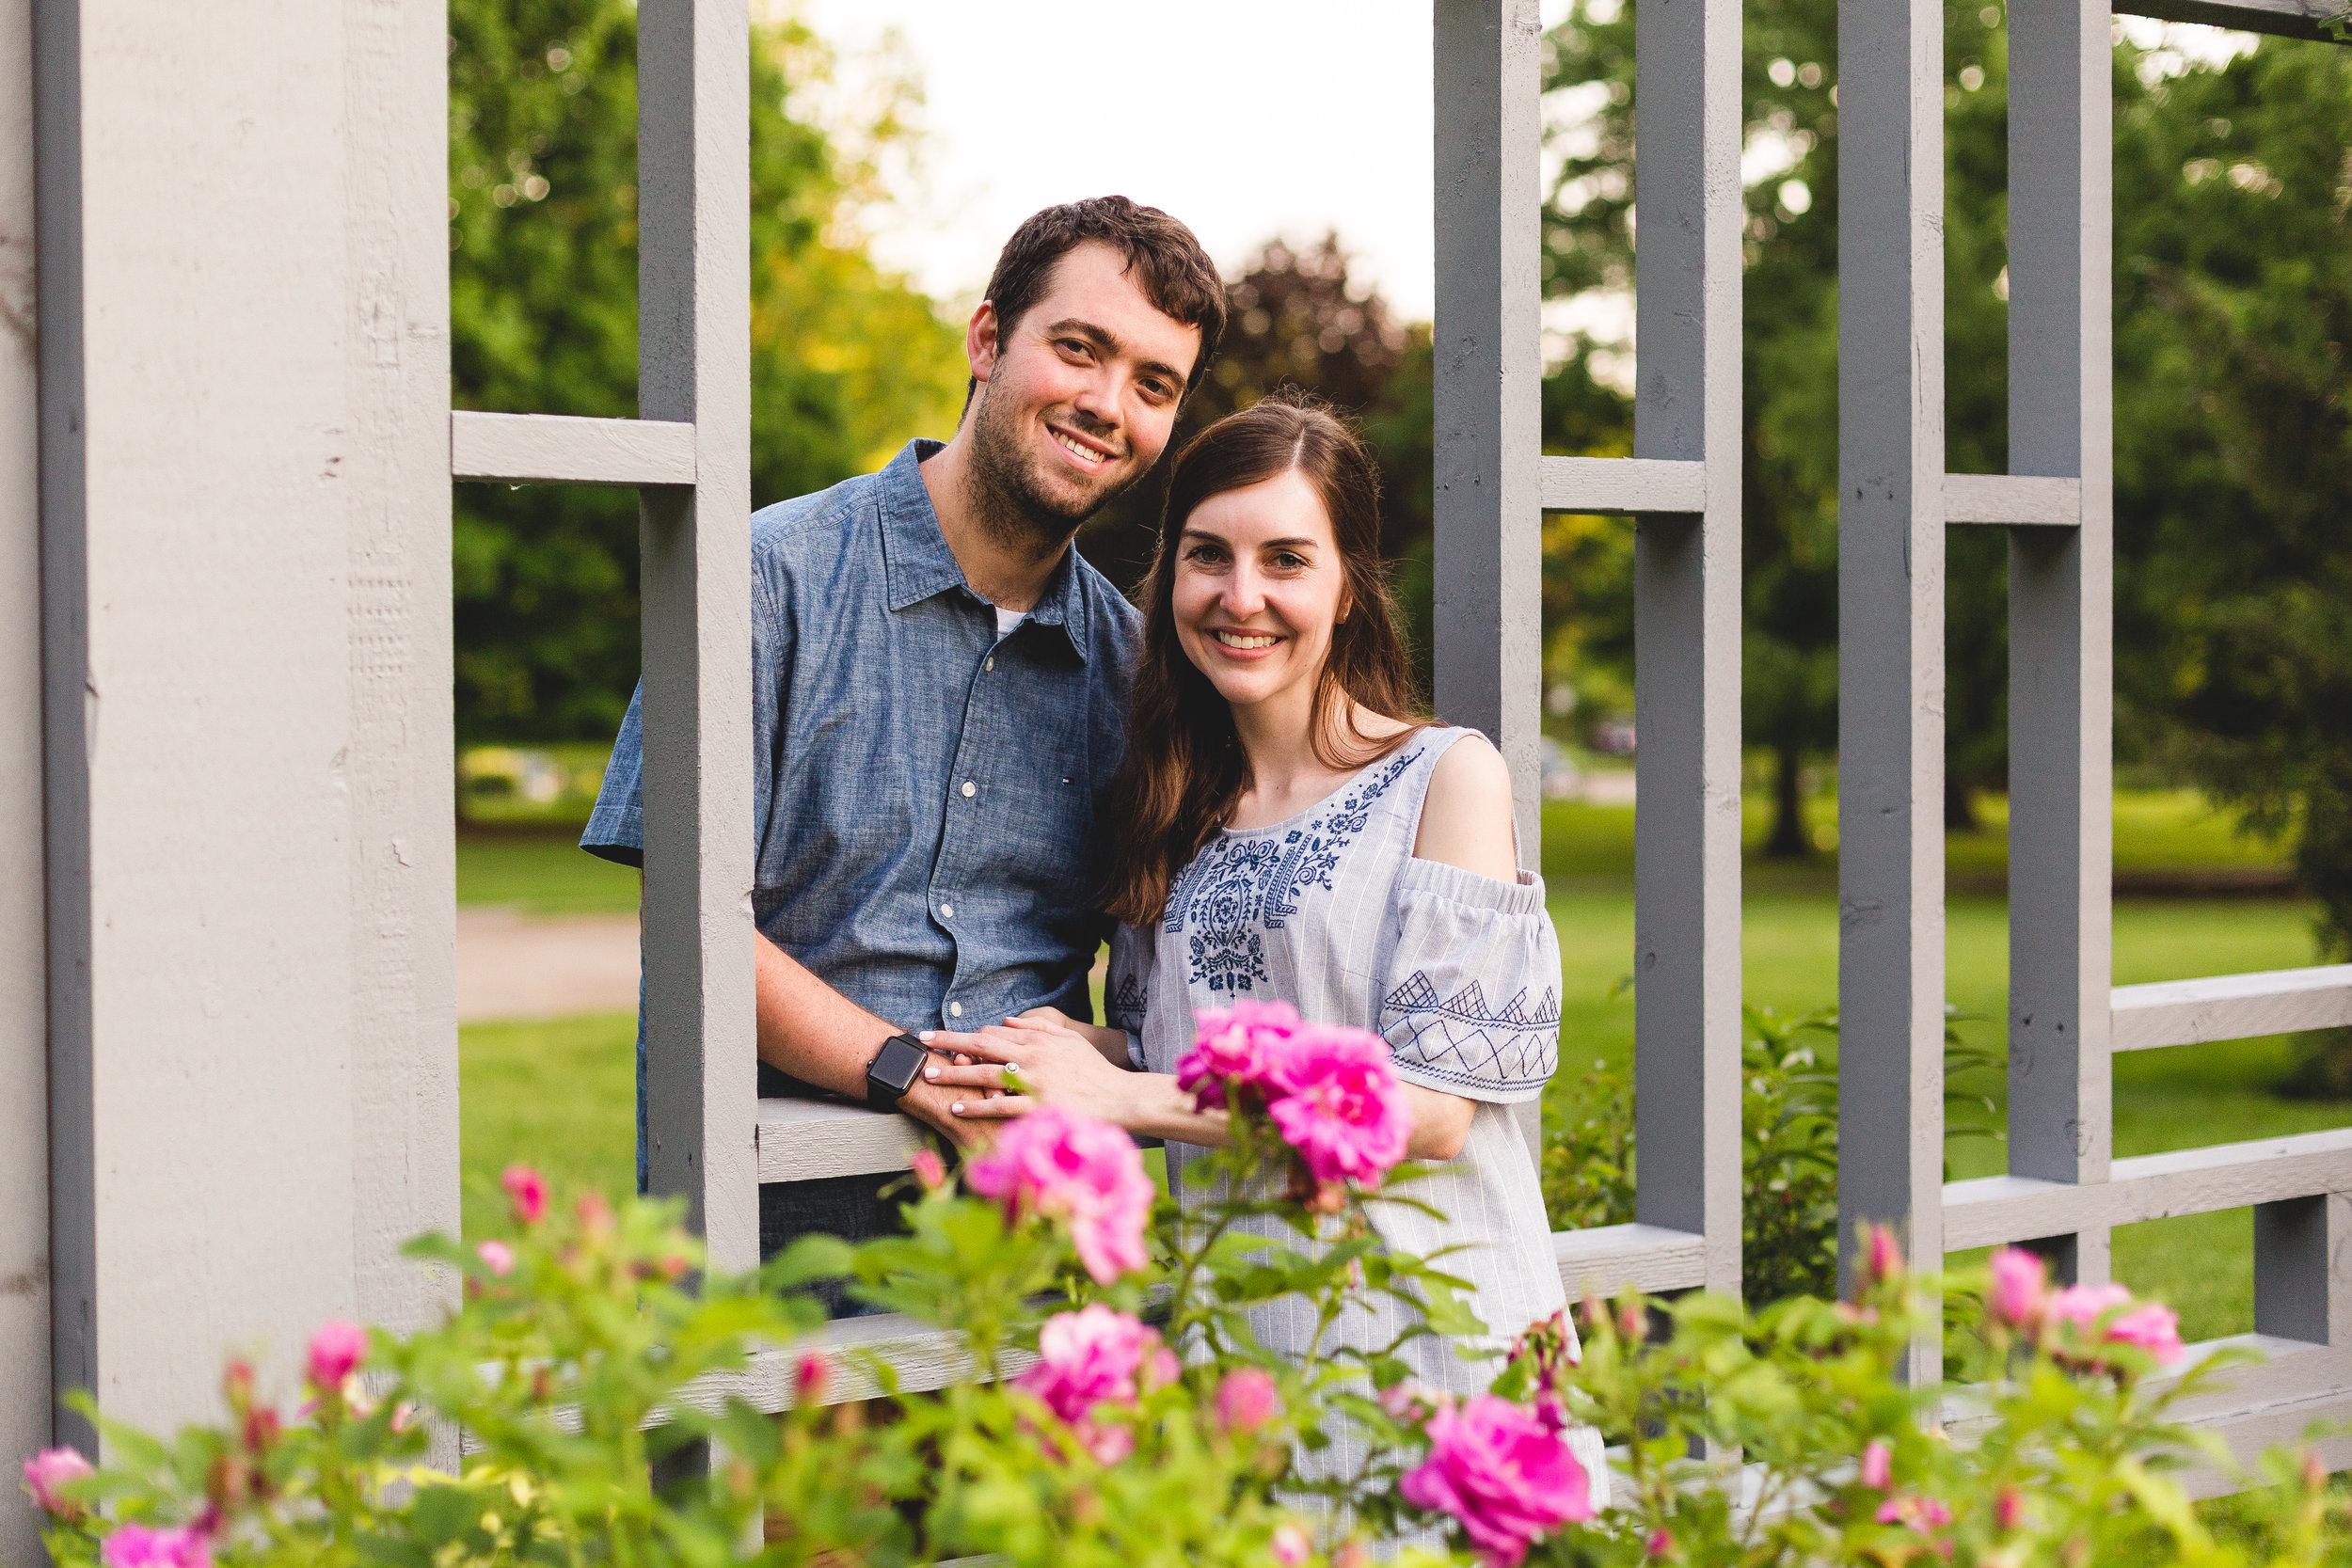 Rose garden inniswood metro gardens